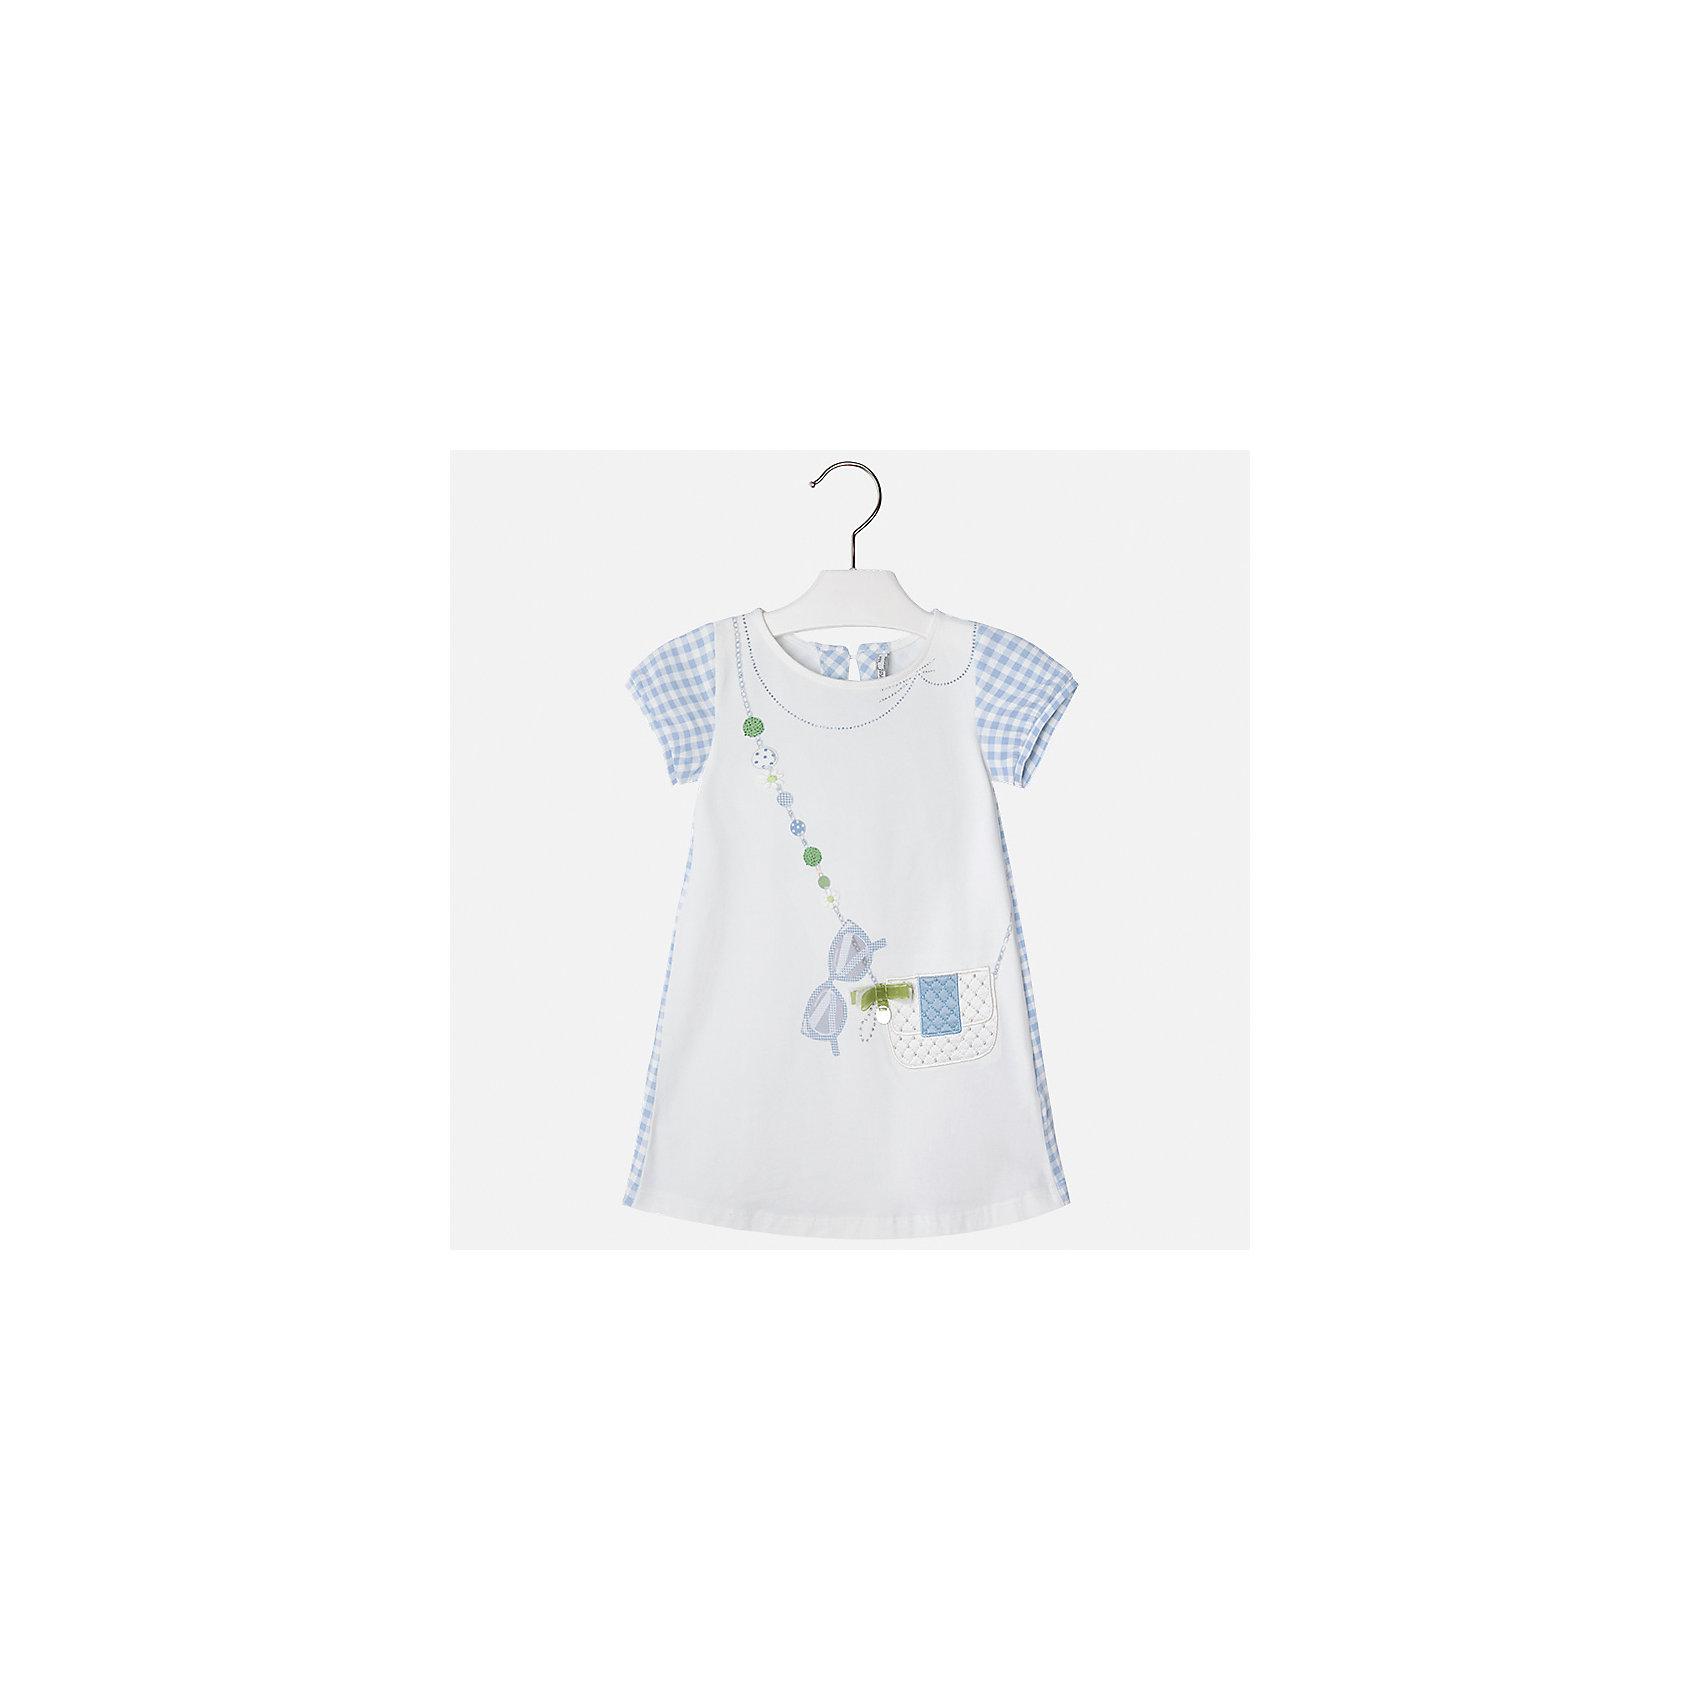 Платье для девочки MayoralЛетние платья и сарафаны<br>Характеристики товара:<br><br>• цвет: белый с голубым<br>• состав: 95% хлопок, 5% эластан<br>• застежка: молния<br>• короткие рукава <br>• декорировано принтом<br>• металлический логотип<br>• страна бренда: Испания<br><br>Нарядное платье для девочки поможет разнообразить гардероб ребенка и создать эффектный наряд. Оно подойдет для различных случаев. Красивый оттенок позволяет подобрать к вещи обувь разных расцветок. Платье хорошо сидит по фигуре и оригинально смотрится. В составе материала - натуральный хлопок, гипоаллергенный, приятный на ощупь, дышащий. <br><br>Одежда, обувь и аксессуары от испанского бренда Mayoral полюбились детям и взрослым по всему миру. Модели этой марки - стильные и удобные. Для их производства используются только безопасные, качественные материалы и фурнитура. Порадуйте ребенка модными и красивыми вещами от Mayoral! <br><br>Платье для девочки от испанского бренда Mayoral (Майорал) можно купить в нашем интернет-магазине.<br><br>Ширина мм: 236<br>Глубина мм: 16<br>Высота мм: 184<br>Вес г: 177<br>Цвет: голубой<br>Возраст от месяцев: 96<br>Возраст до месяцев: 108<br>Пол: Женский<br>Возраст: Детский<br>Размер: 134,92,98,104,110,116,122,128<br>SKU: 5291337